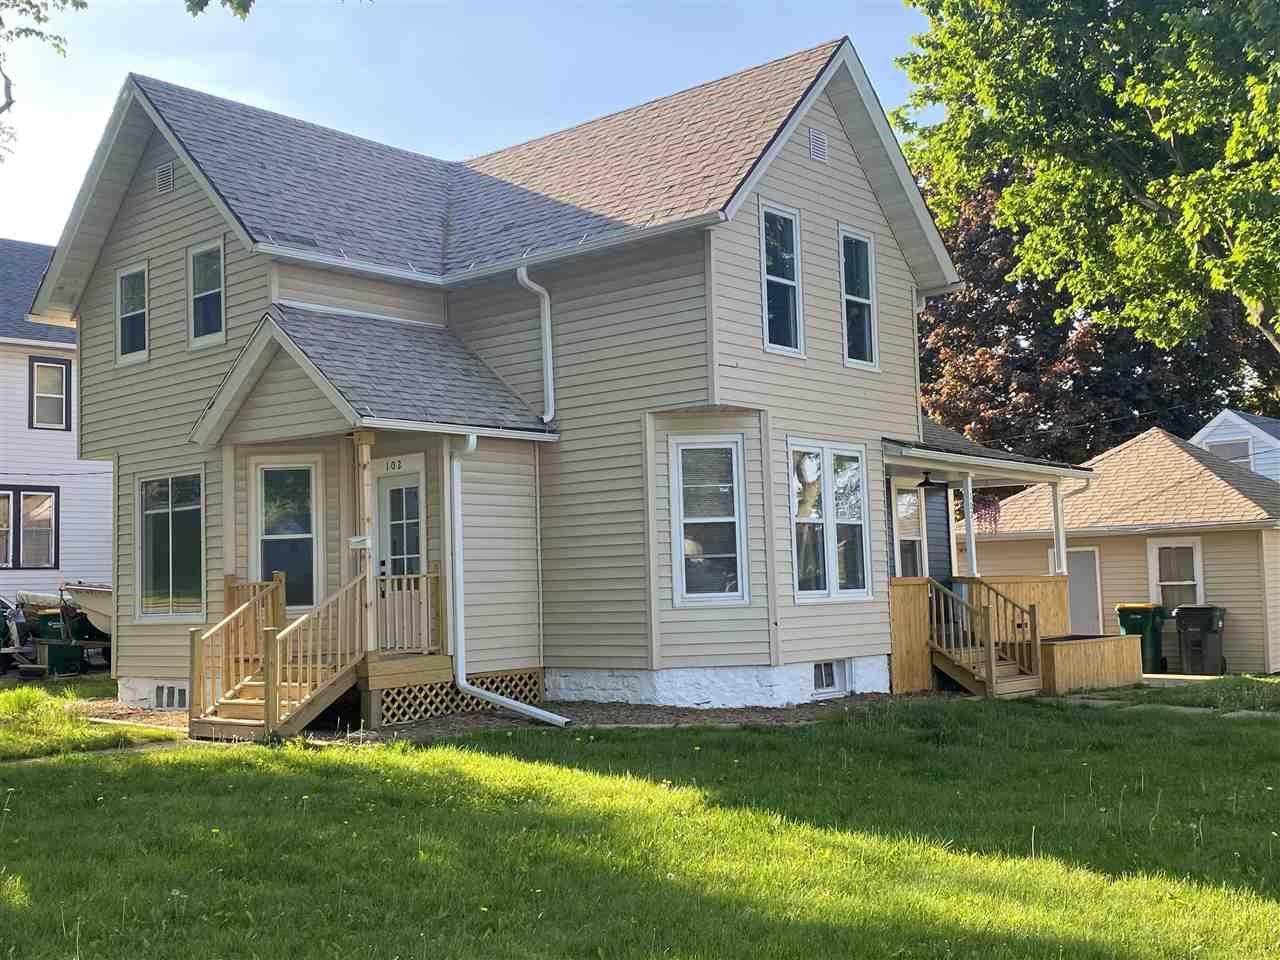 102 W Brown St, Waupun, WI 53963 - #: 1909418